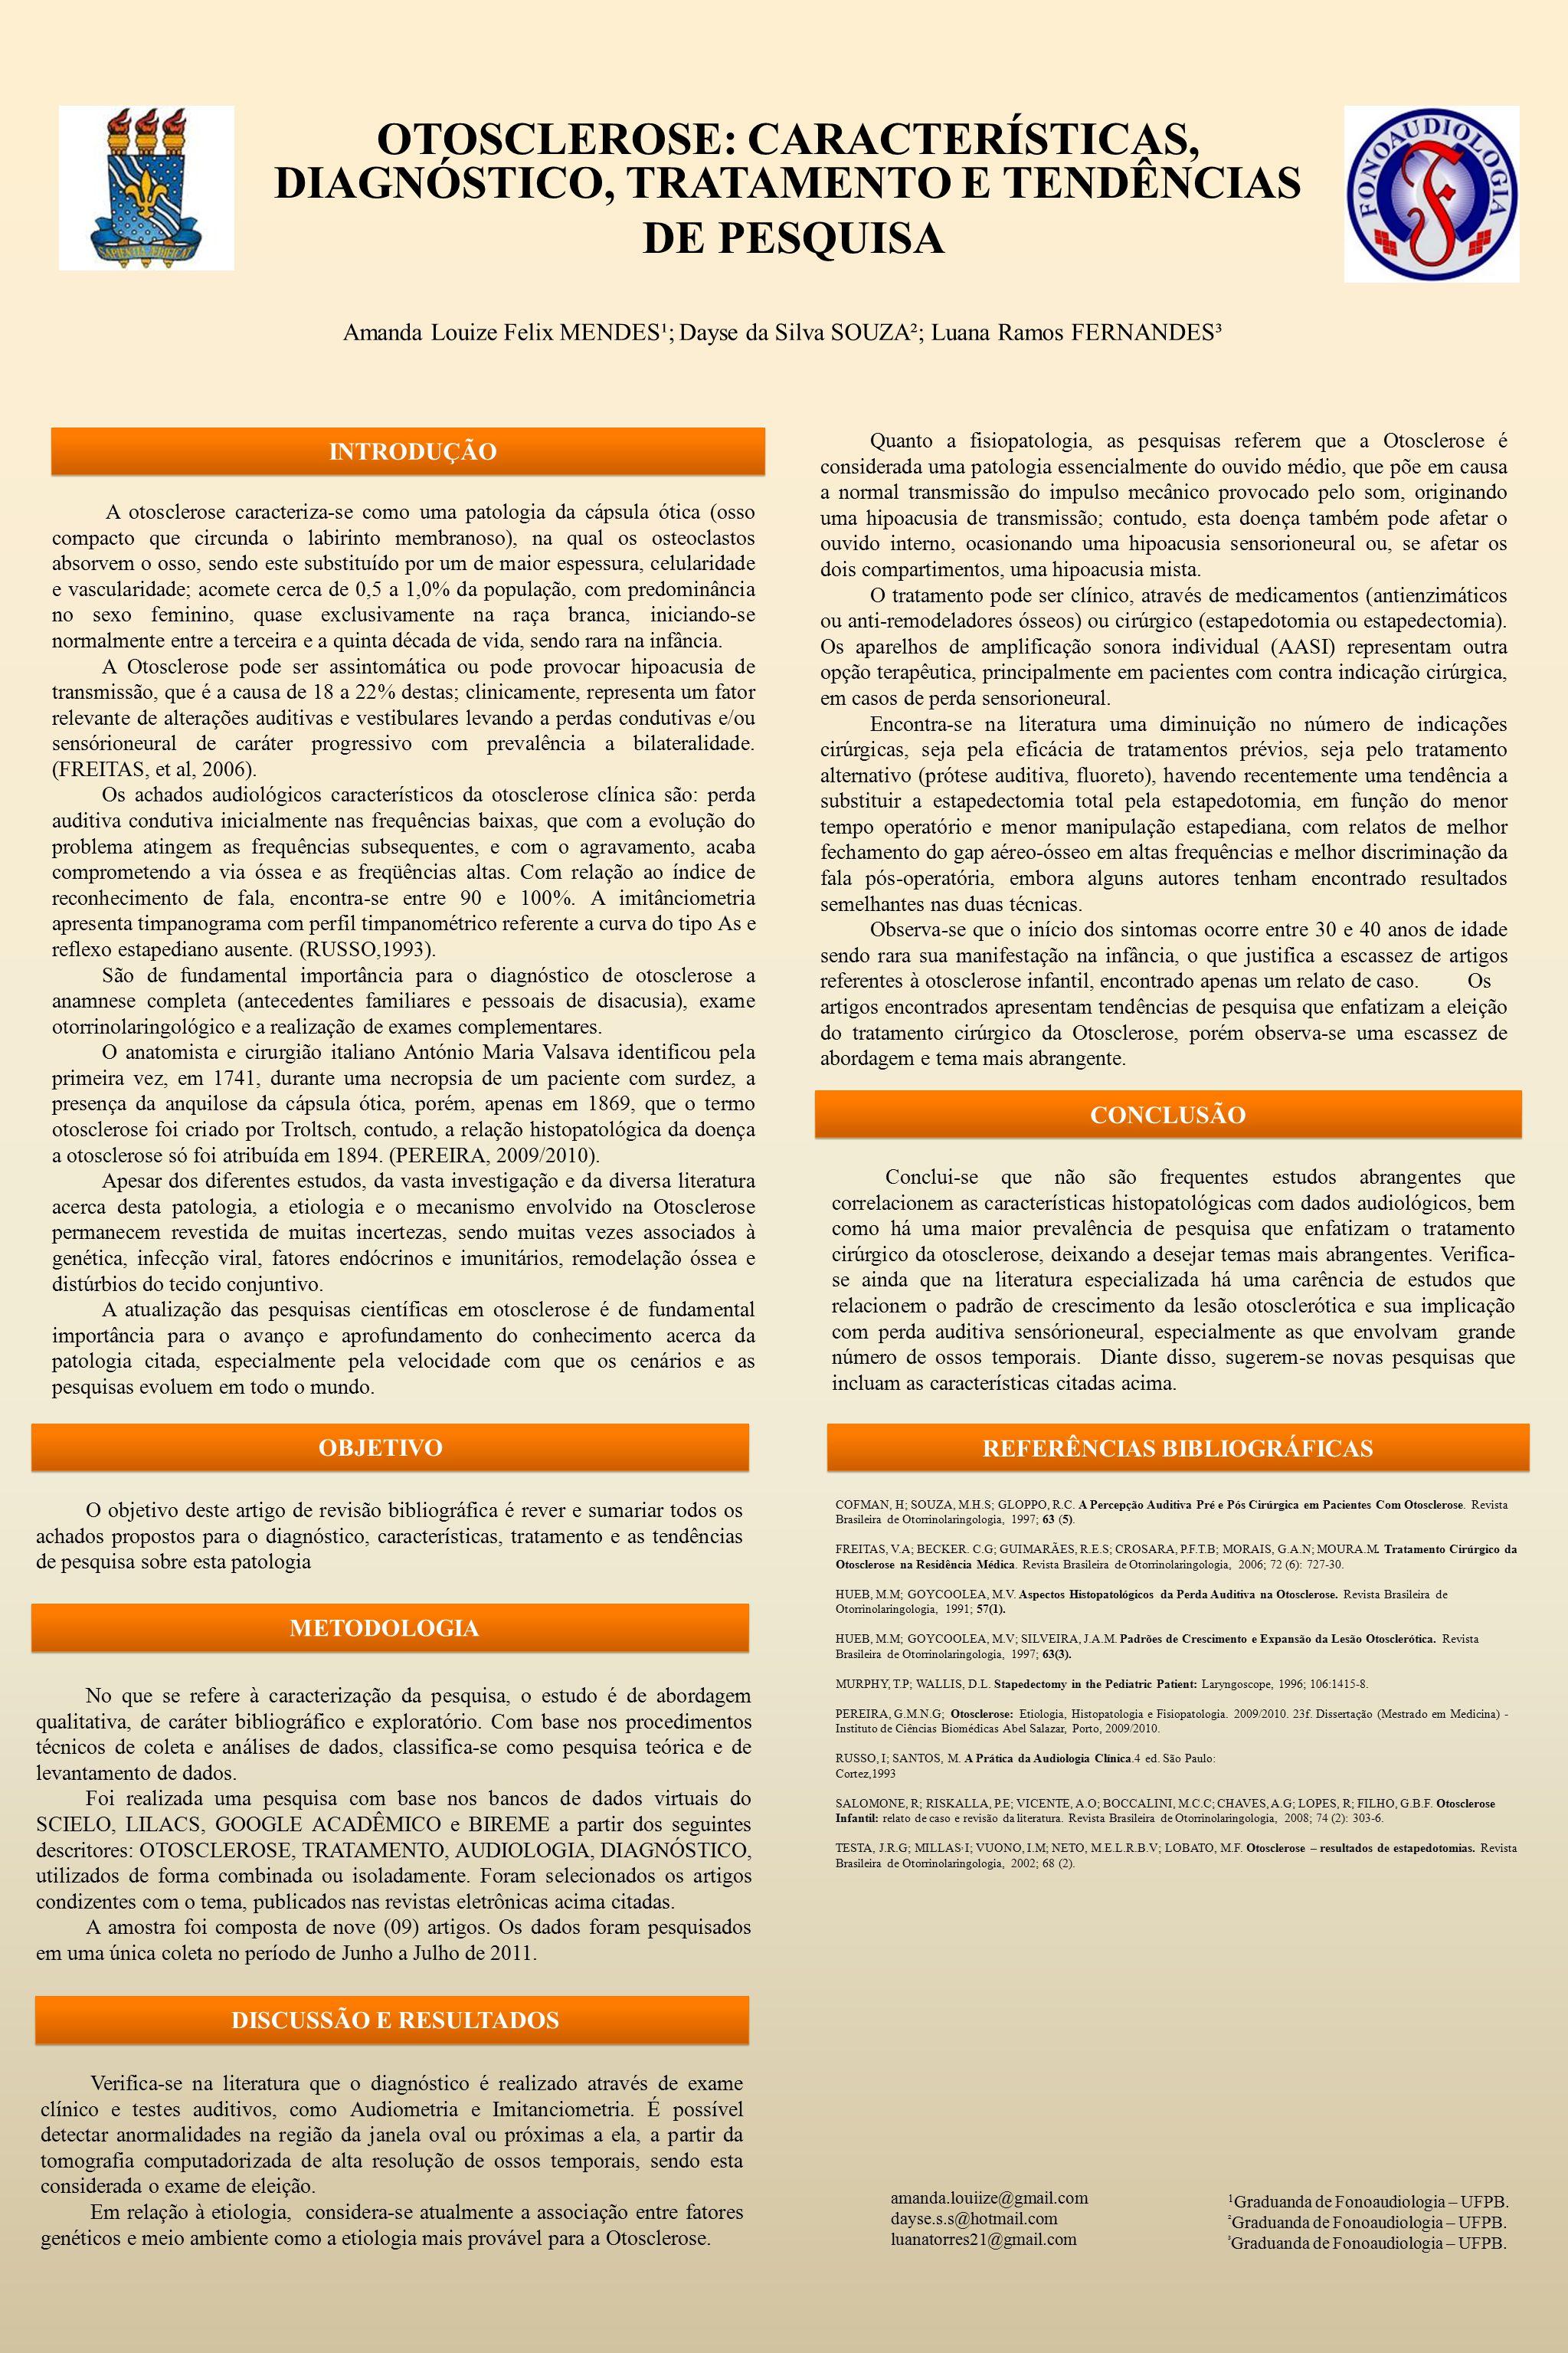 OTOSCLEROSE: CARACTERÍSTICAS, DIAGNÓSTICO, TRATAMENTO E TENDÊNCIAS